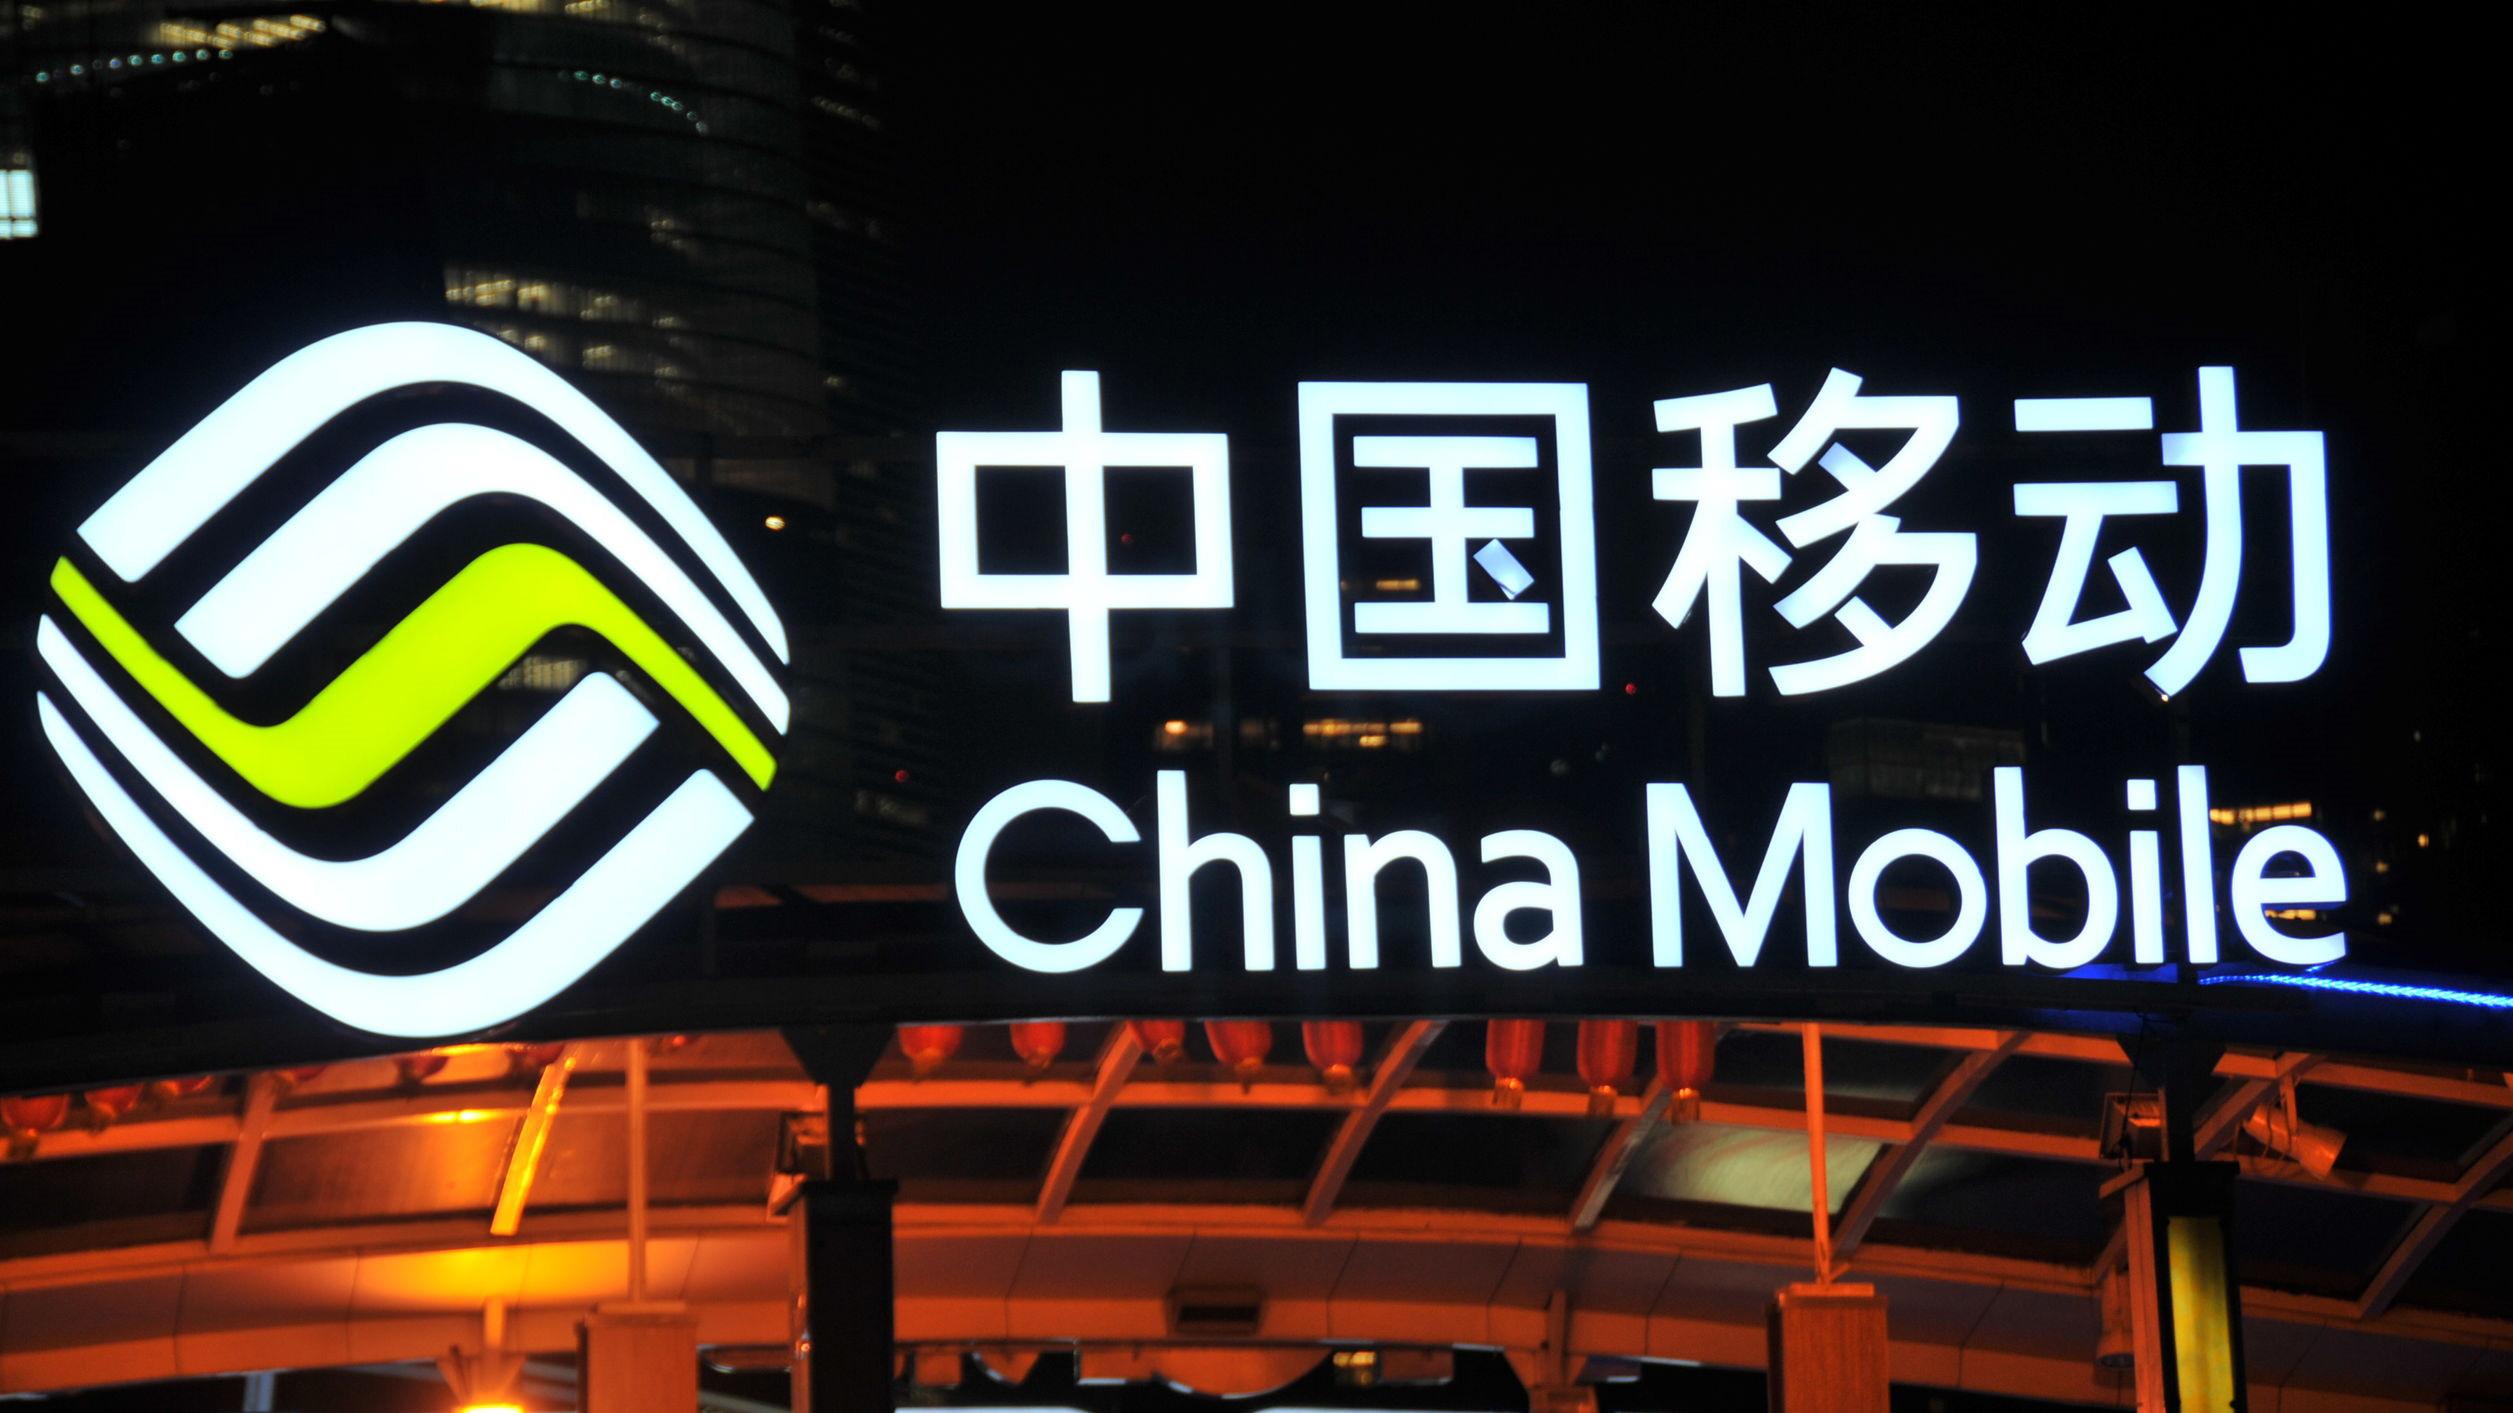 中国移动:合力推进雄安新区建设 打造全球领先的数字城市、智能城市